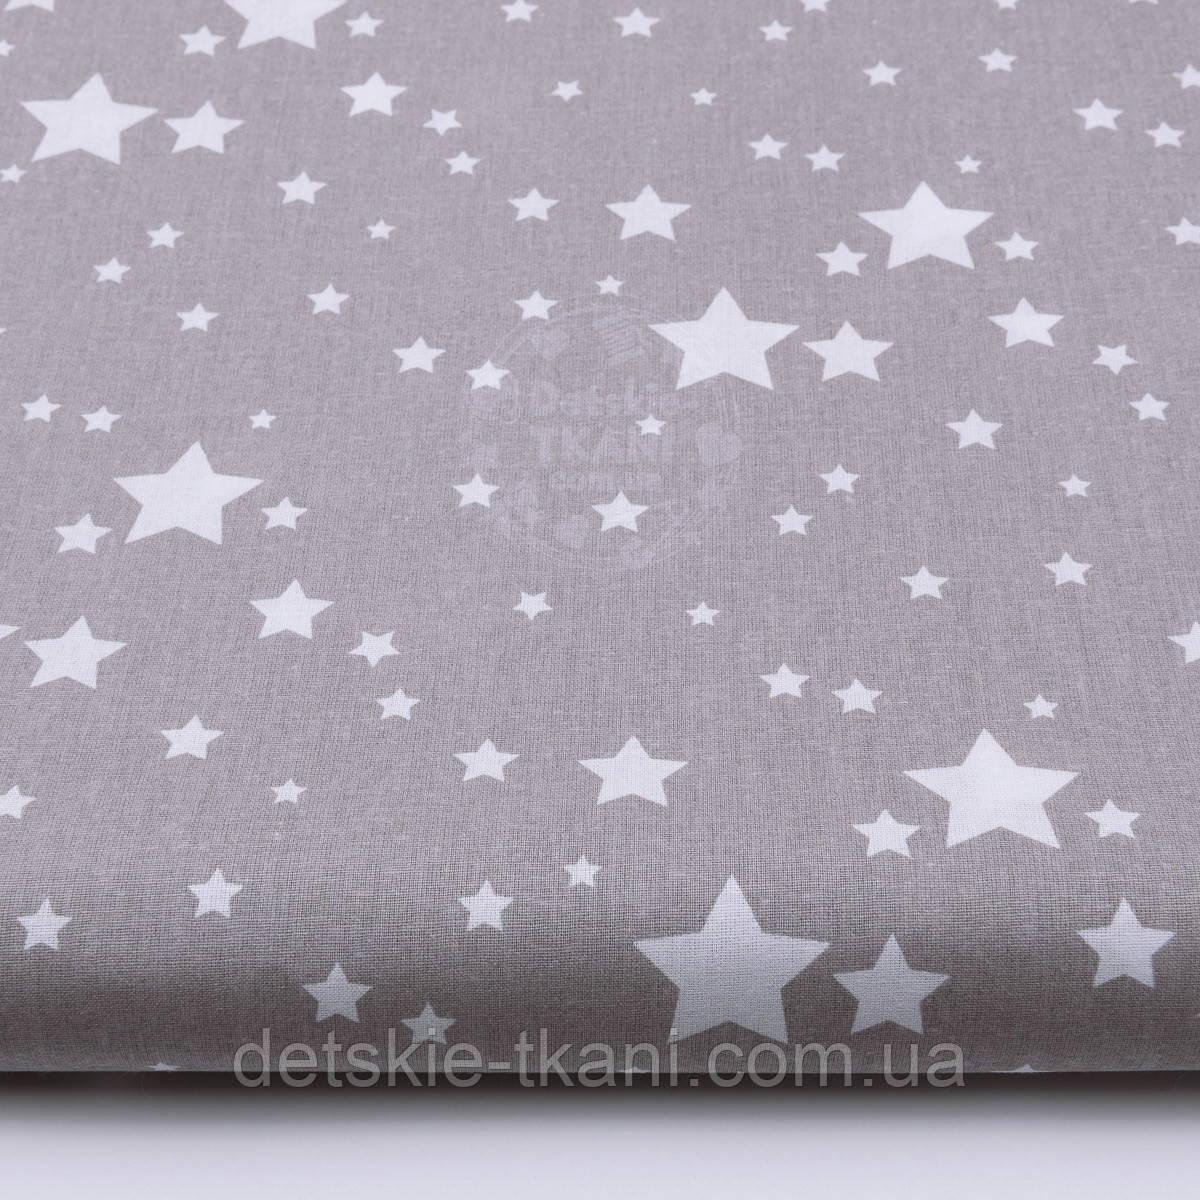 """Ткань хлопковая """"Мини галактика"""" белая на сером фоне (№ 1459)"""